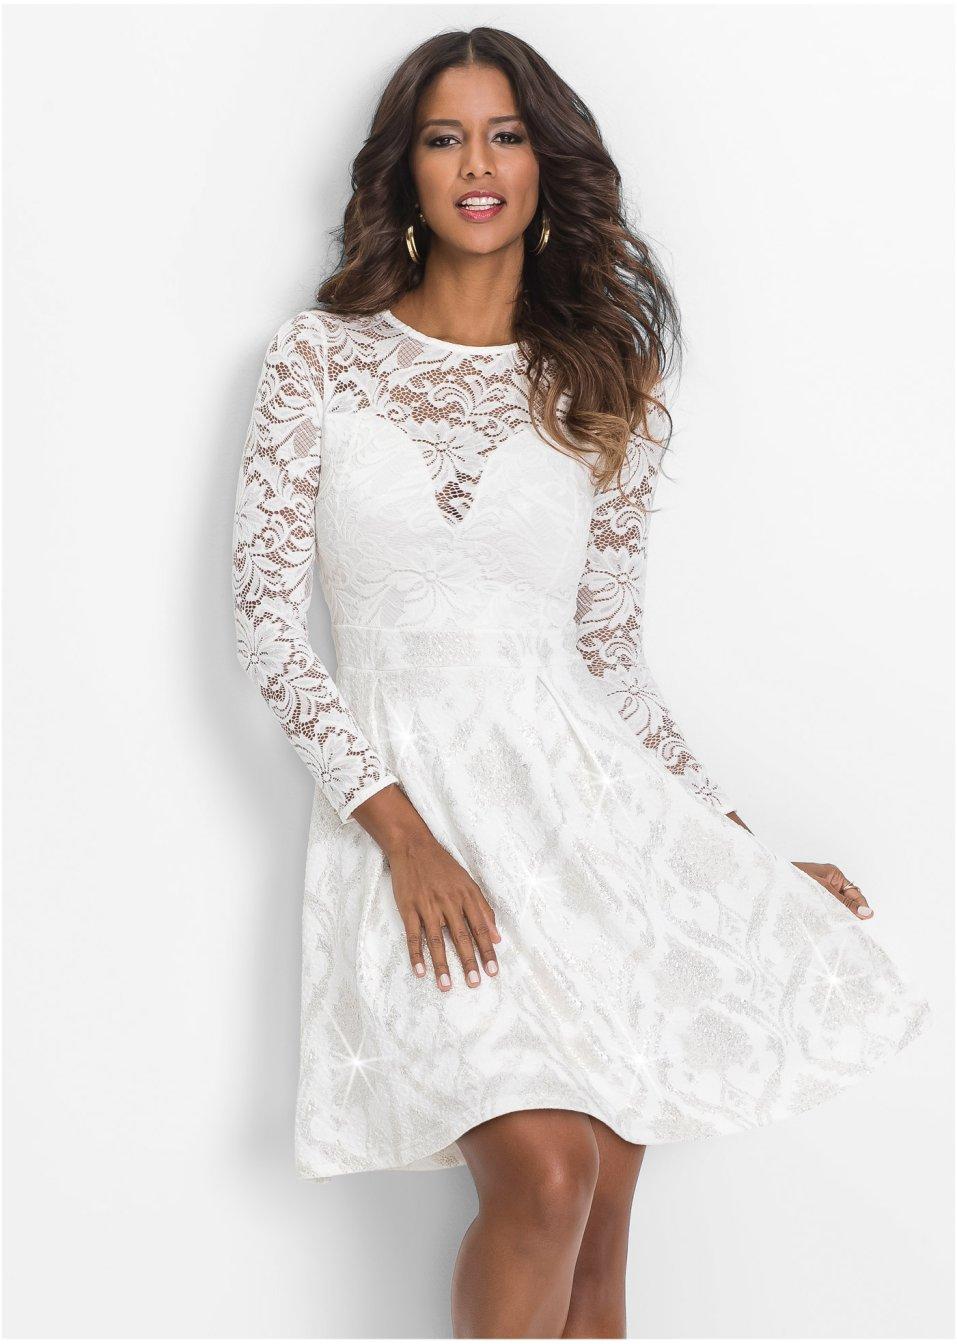 Kleid mit Spitze weiß - BODYFLIRT boutique online kaufen ...